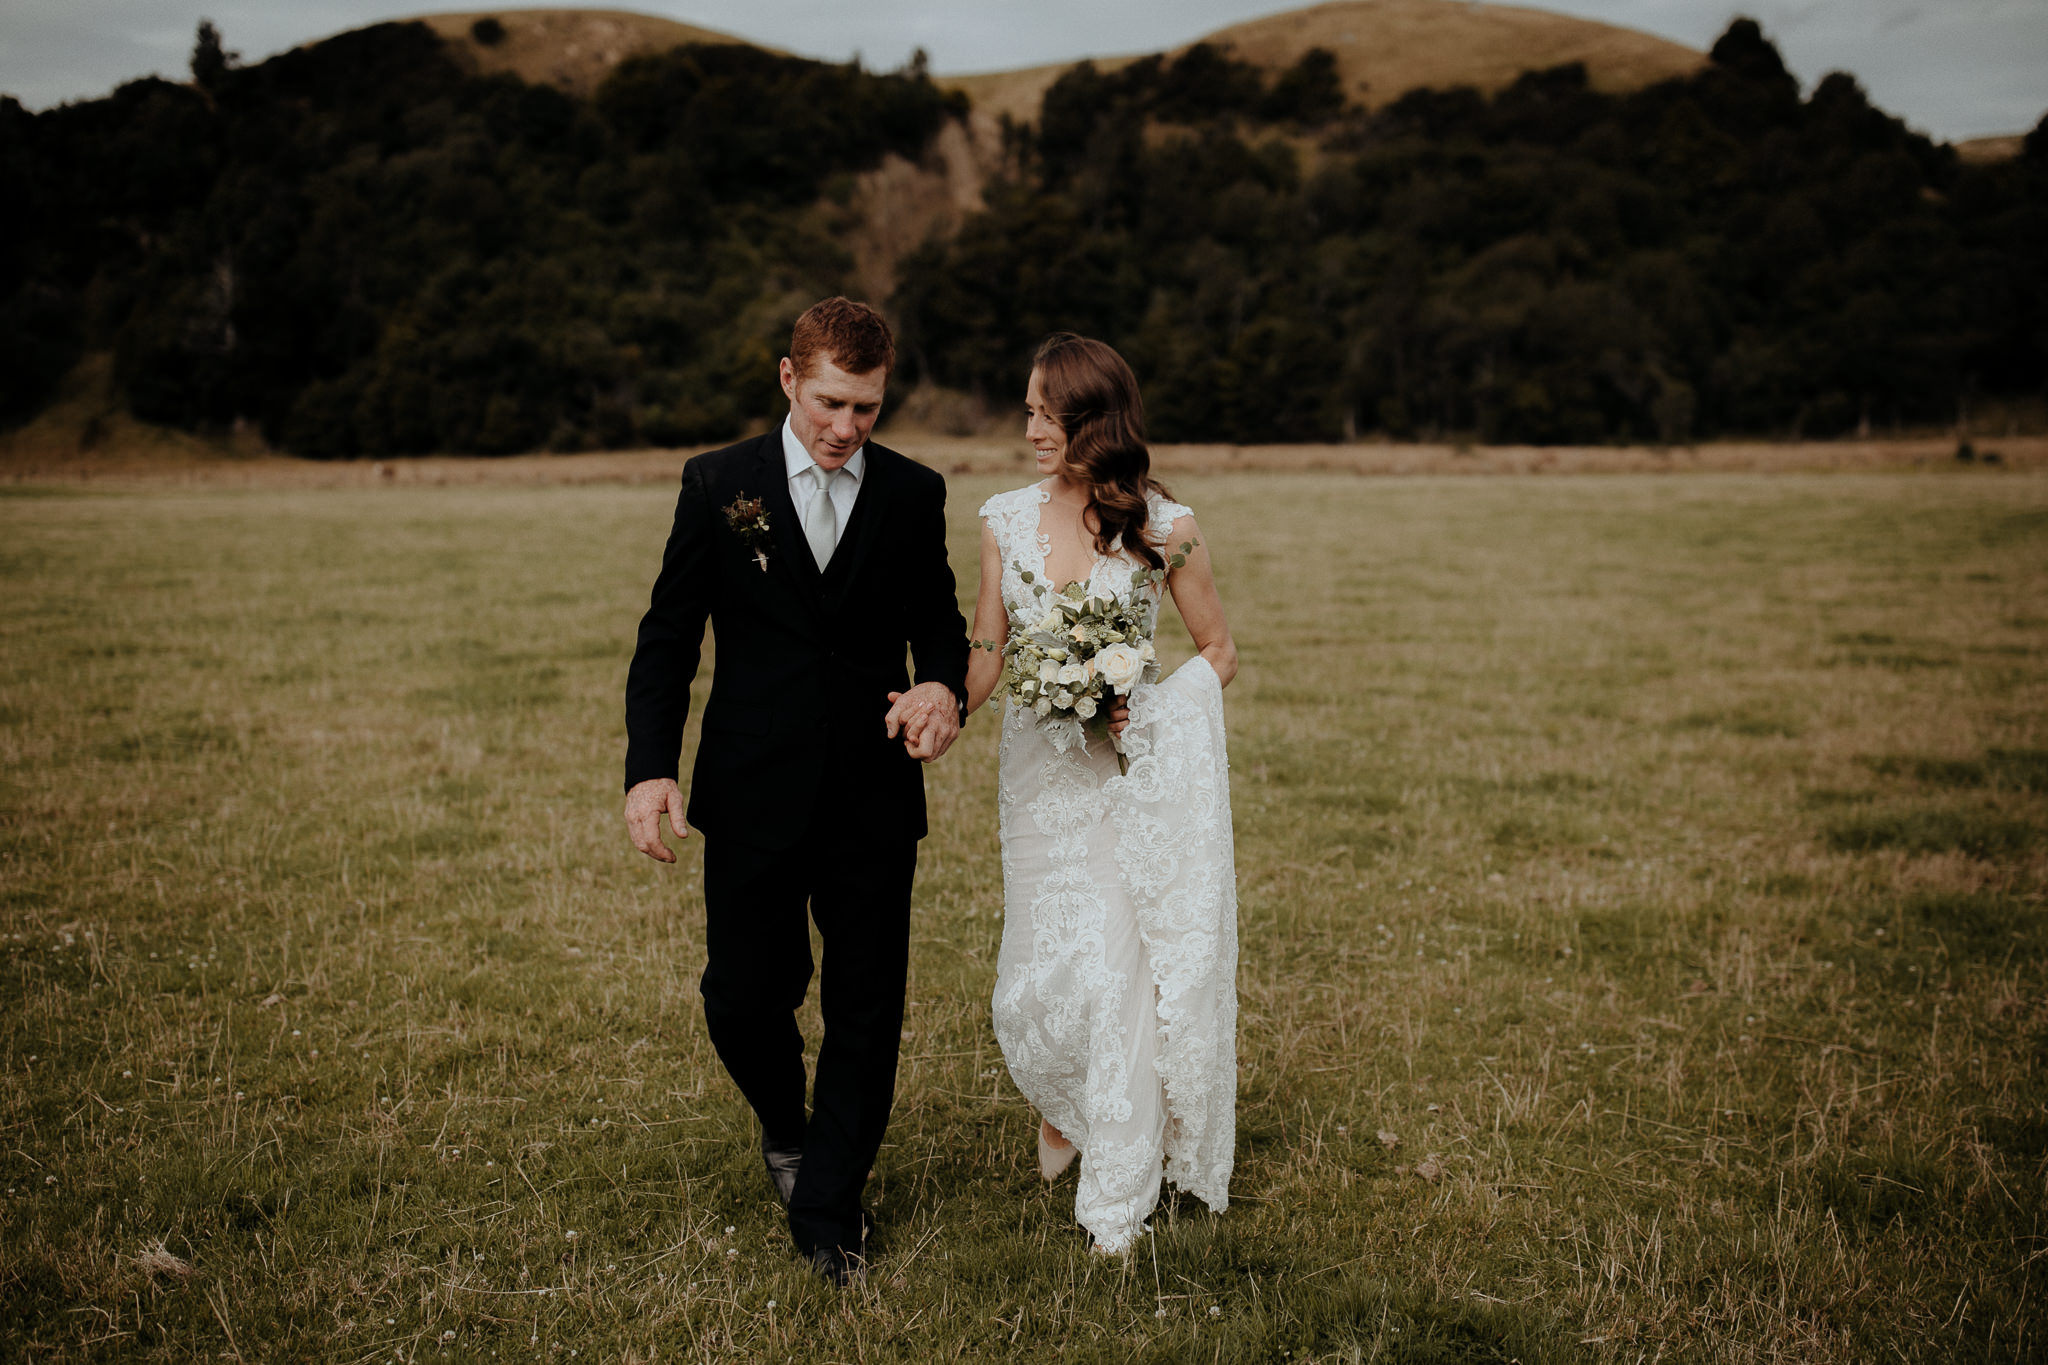 Hayden&Anna_slideshow_047.jpg